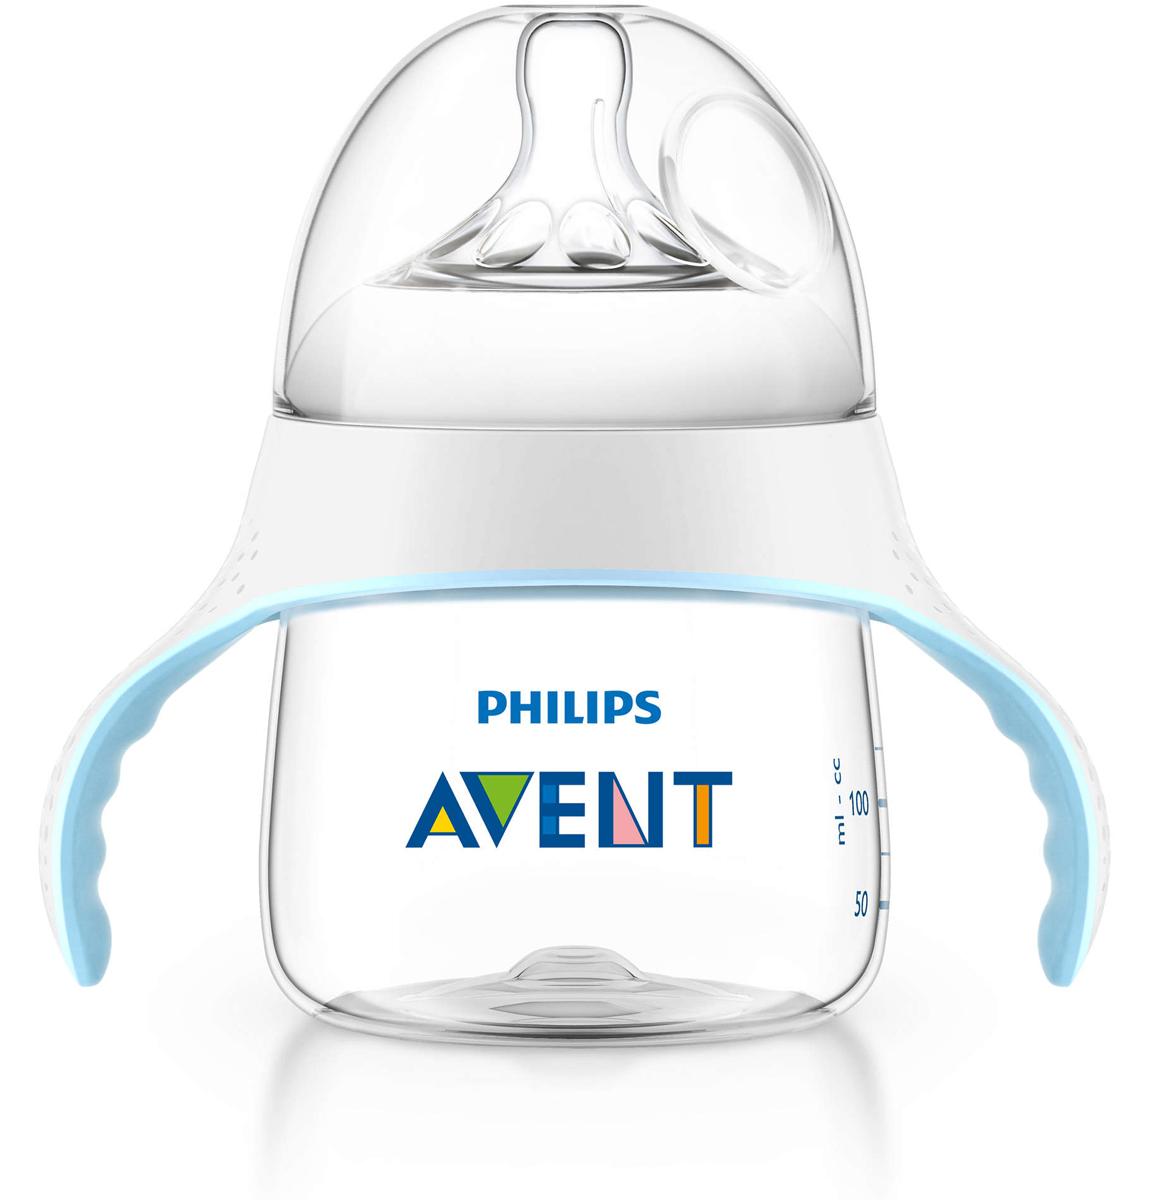 Philips Avent Тренировочный набор для перехода от бутылочки к чашке, 125 мл SCF251/00  недорого